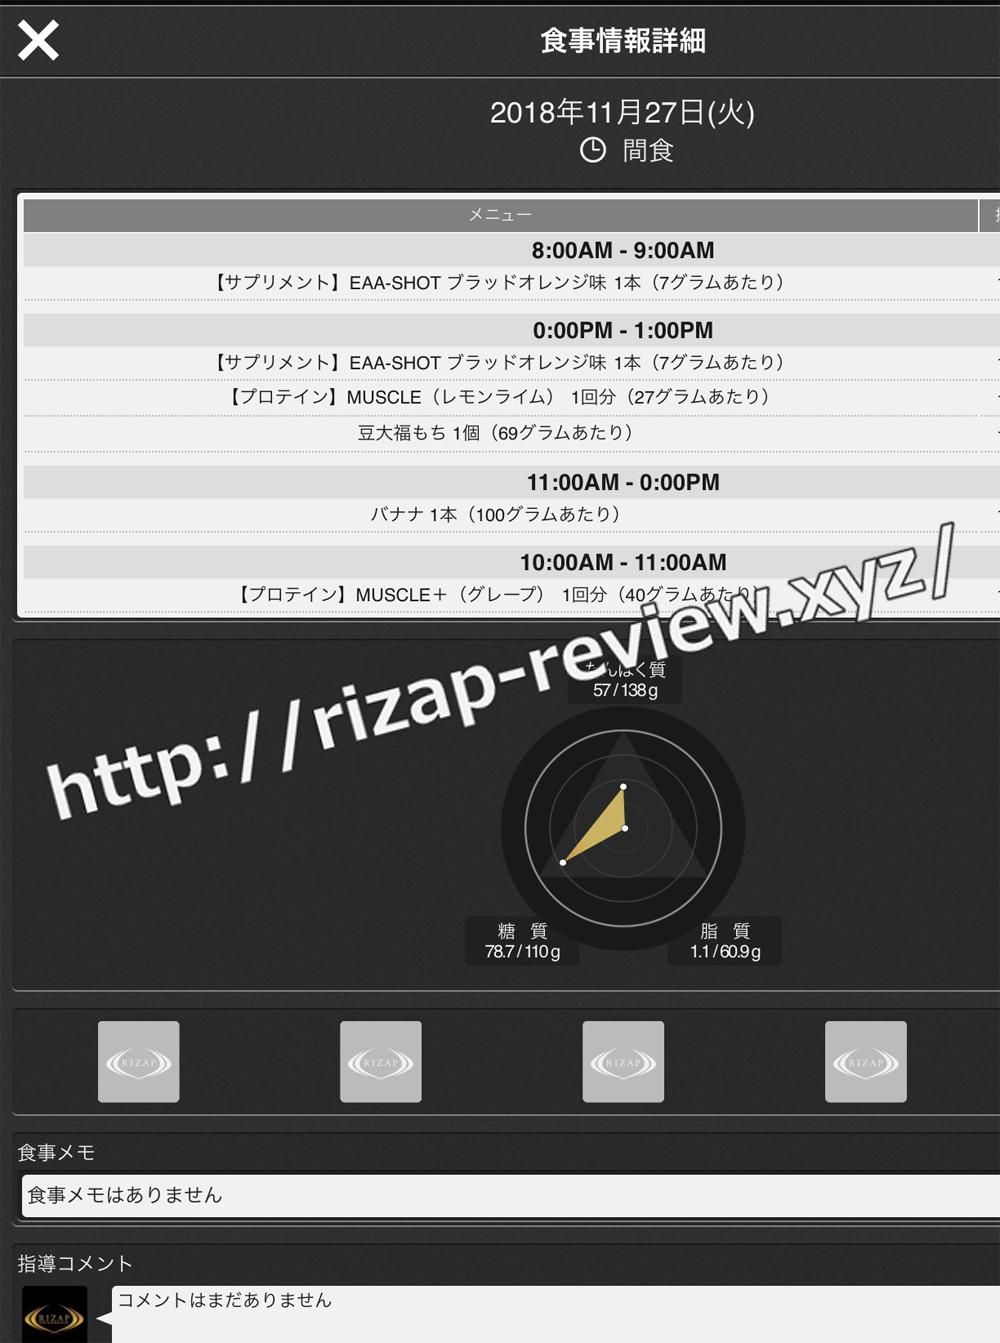 2018.11.27(火)ライザップ流の間食